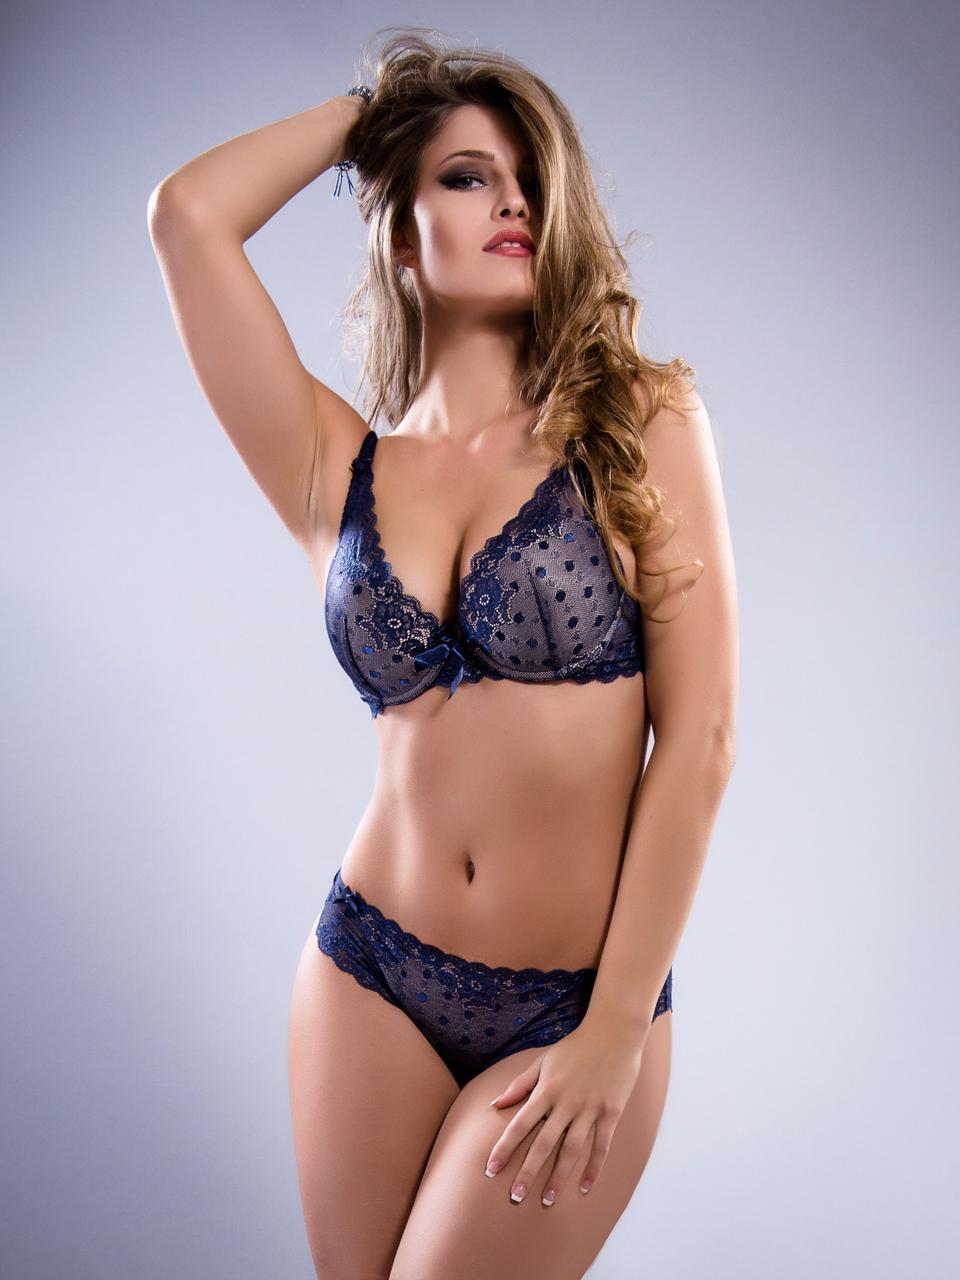 Комплект женского нижнего белья Acousma A6407D-1-P6407-1H, цвет Синий-Пудра, размер 75D-M